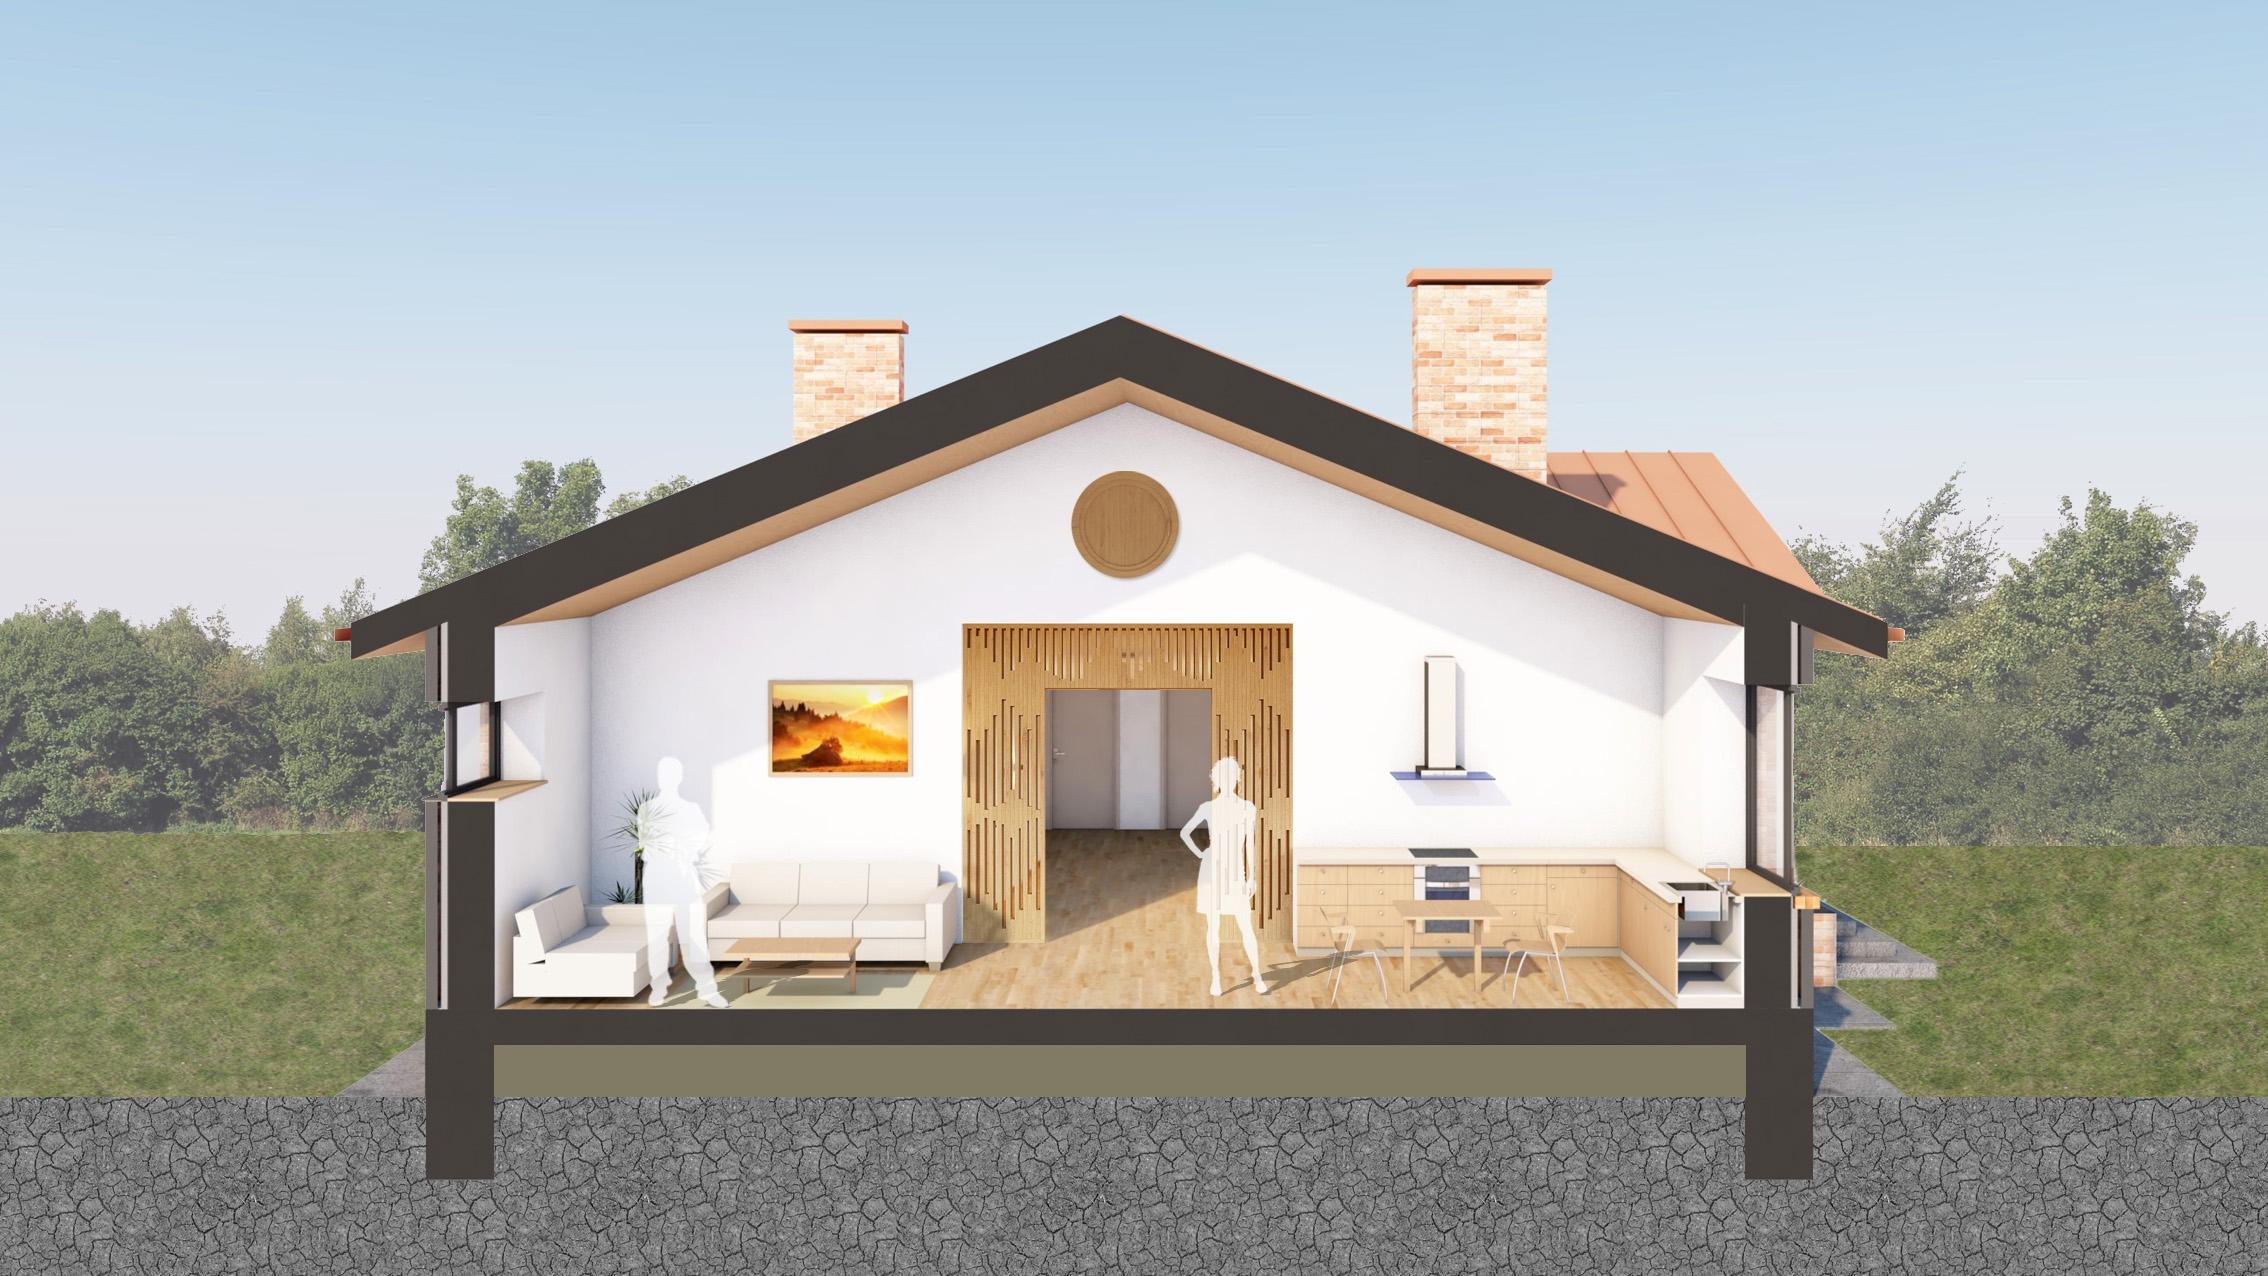 Изображение для проекта Проект кирпичного дома для музыканта 2155